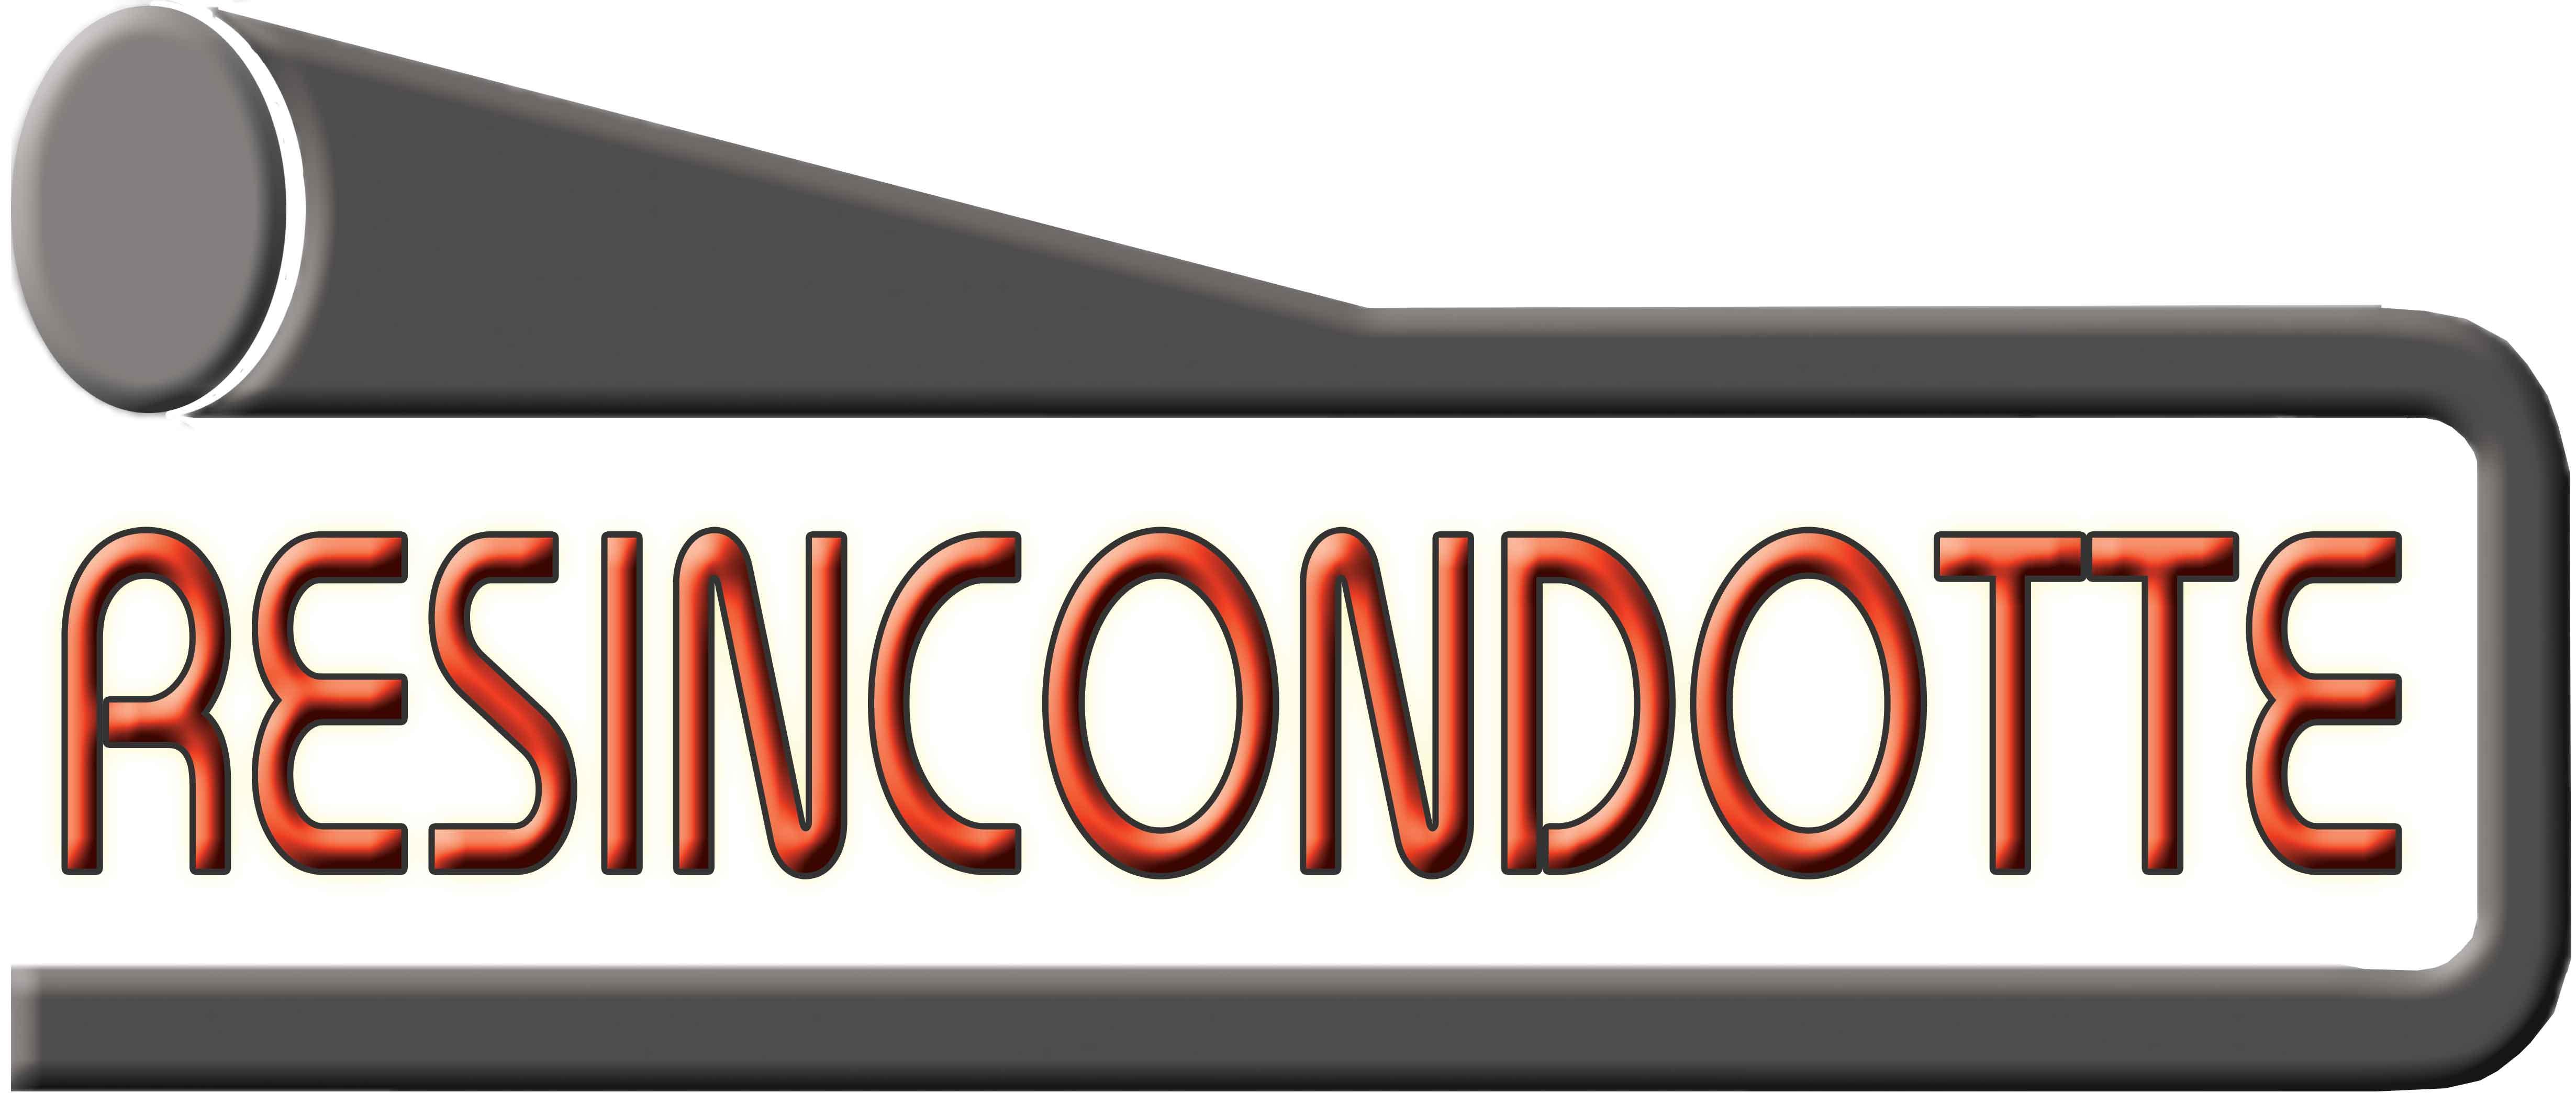 logo-resincondotte-bassa